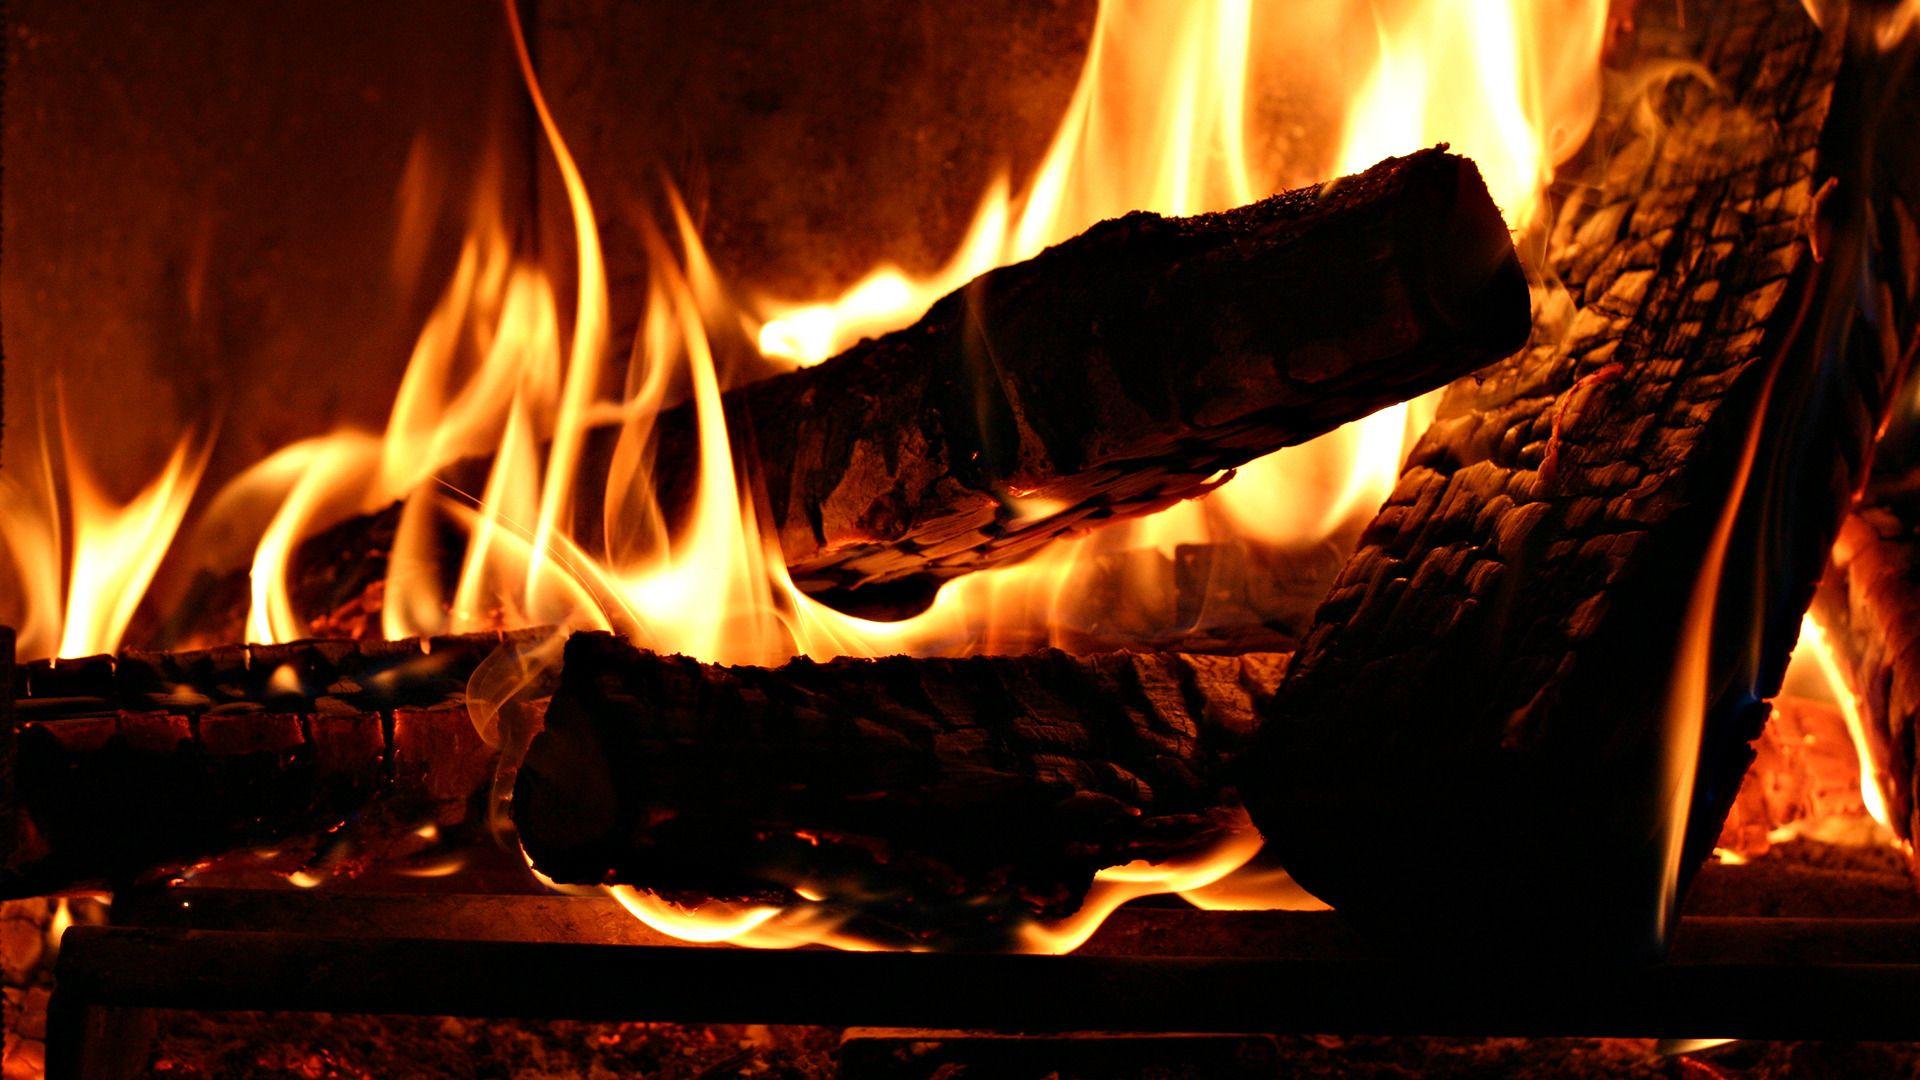 Fireplace Wallpaper 24632 1920x1080 px ~ HDWallSource.   I Love Fireplaces   Wallpaper fireplace ...